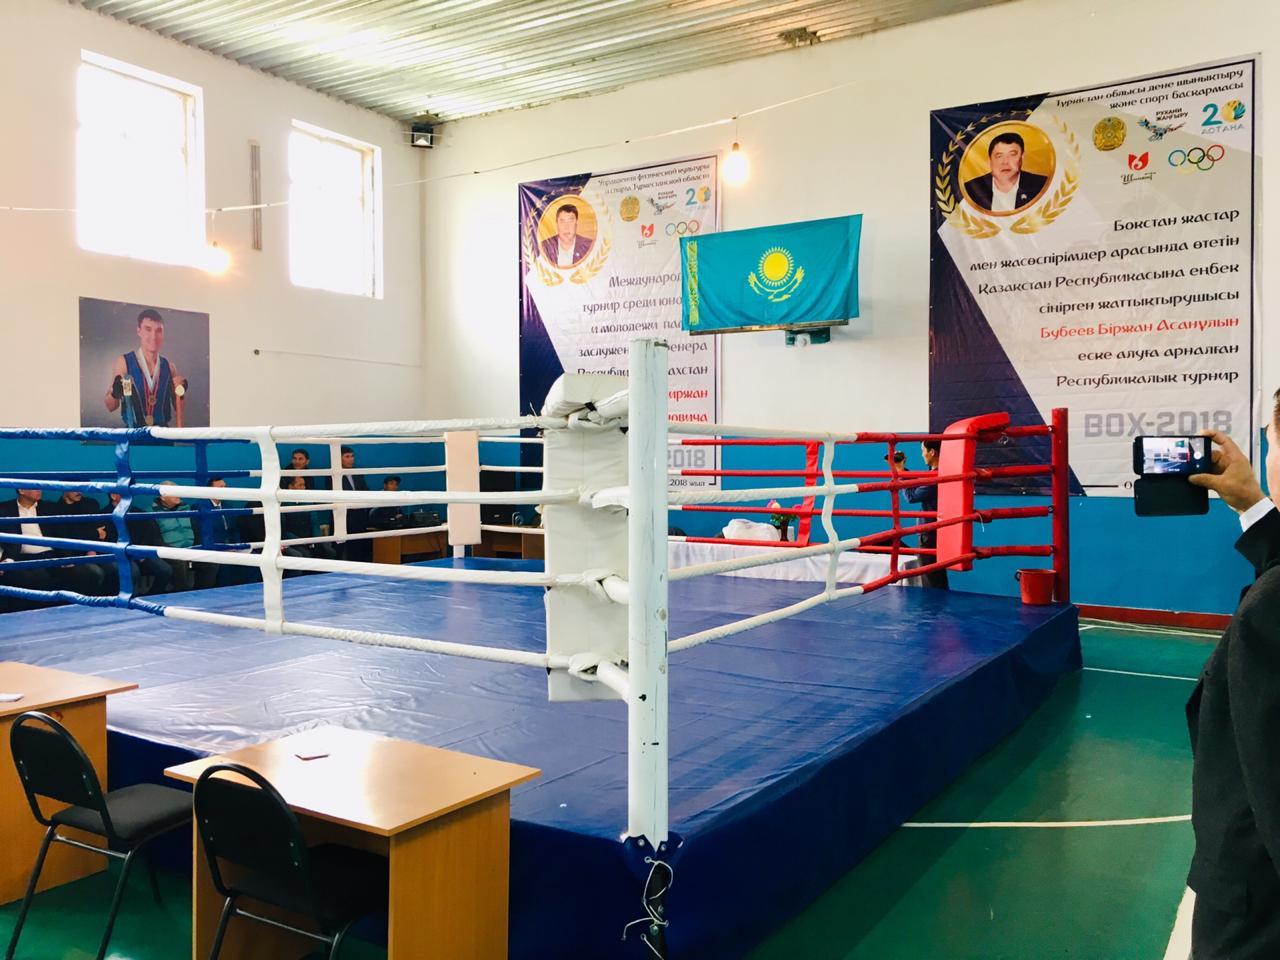 Түркістан облысында бокстан жасөспірімдер арасында республикалық турнир өтті